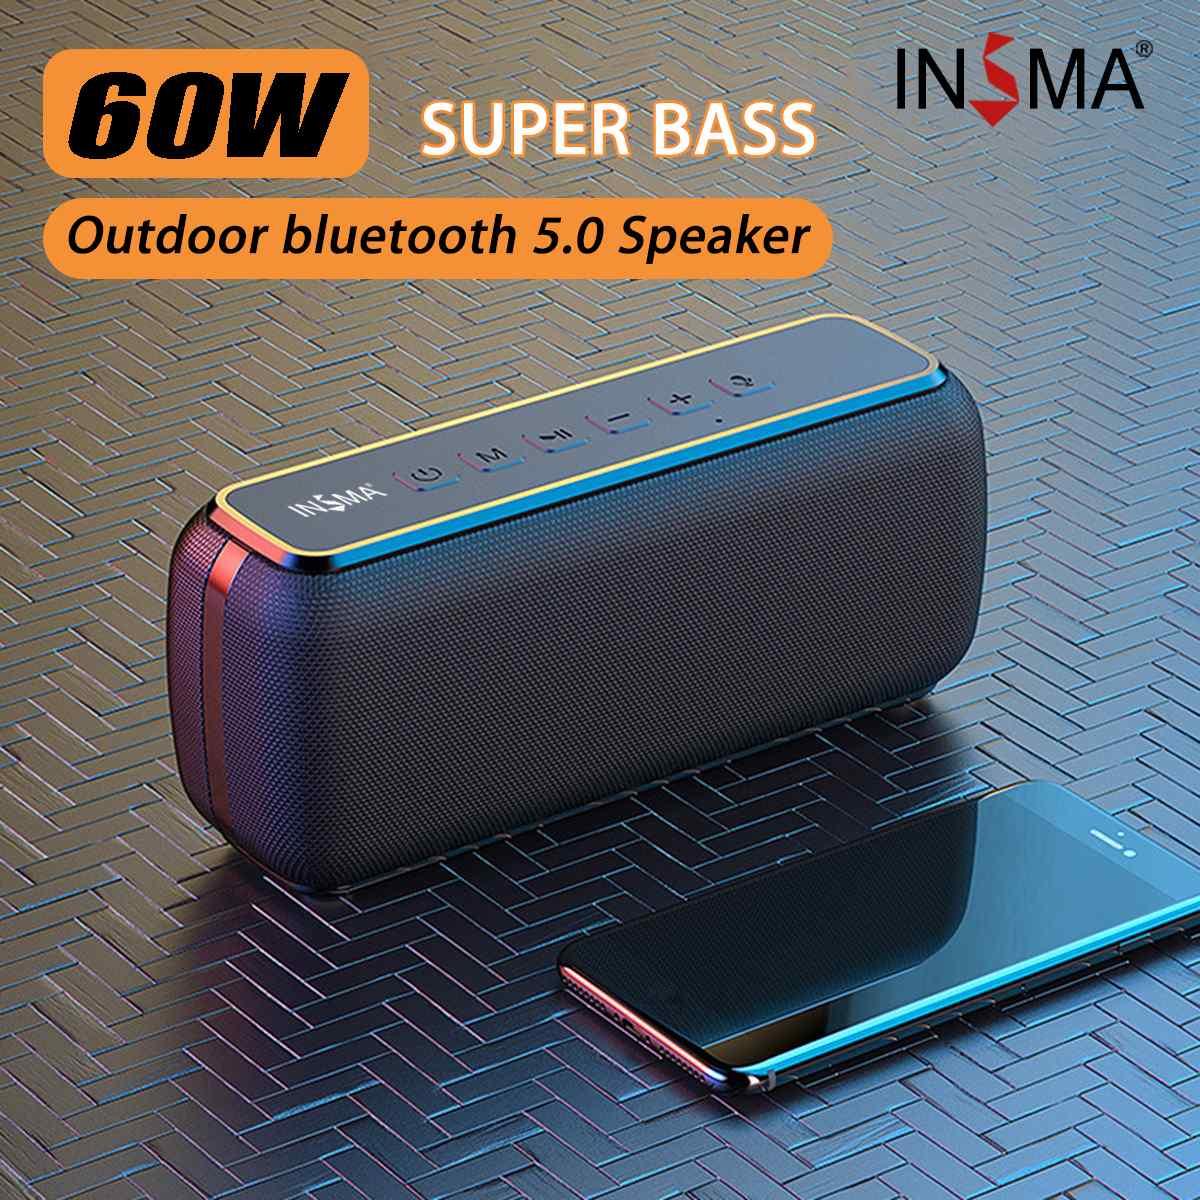 INSMA S600 60 واط سماعة لاسلكية تعمل بالبلوتوث المتكلم IPX5 مقاوم للماء TWS 15H وقت اللعب مساعد الصوت اضافية باس مضخم الصوت المتكلم